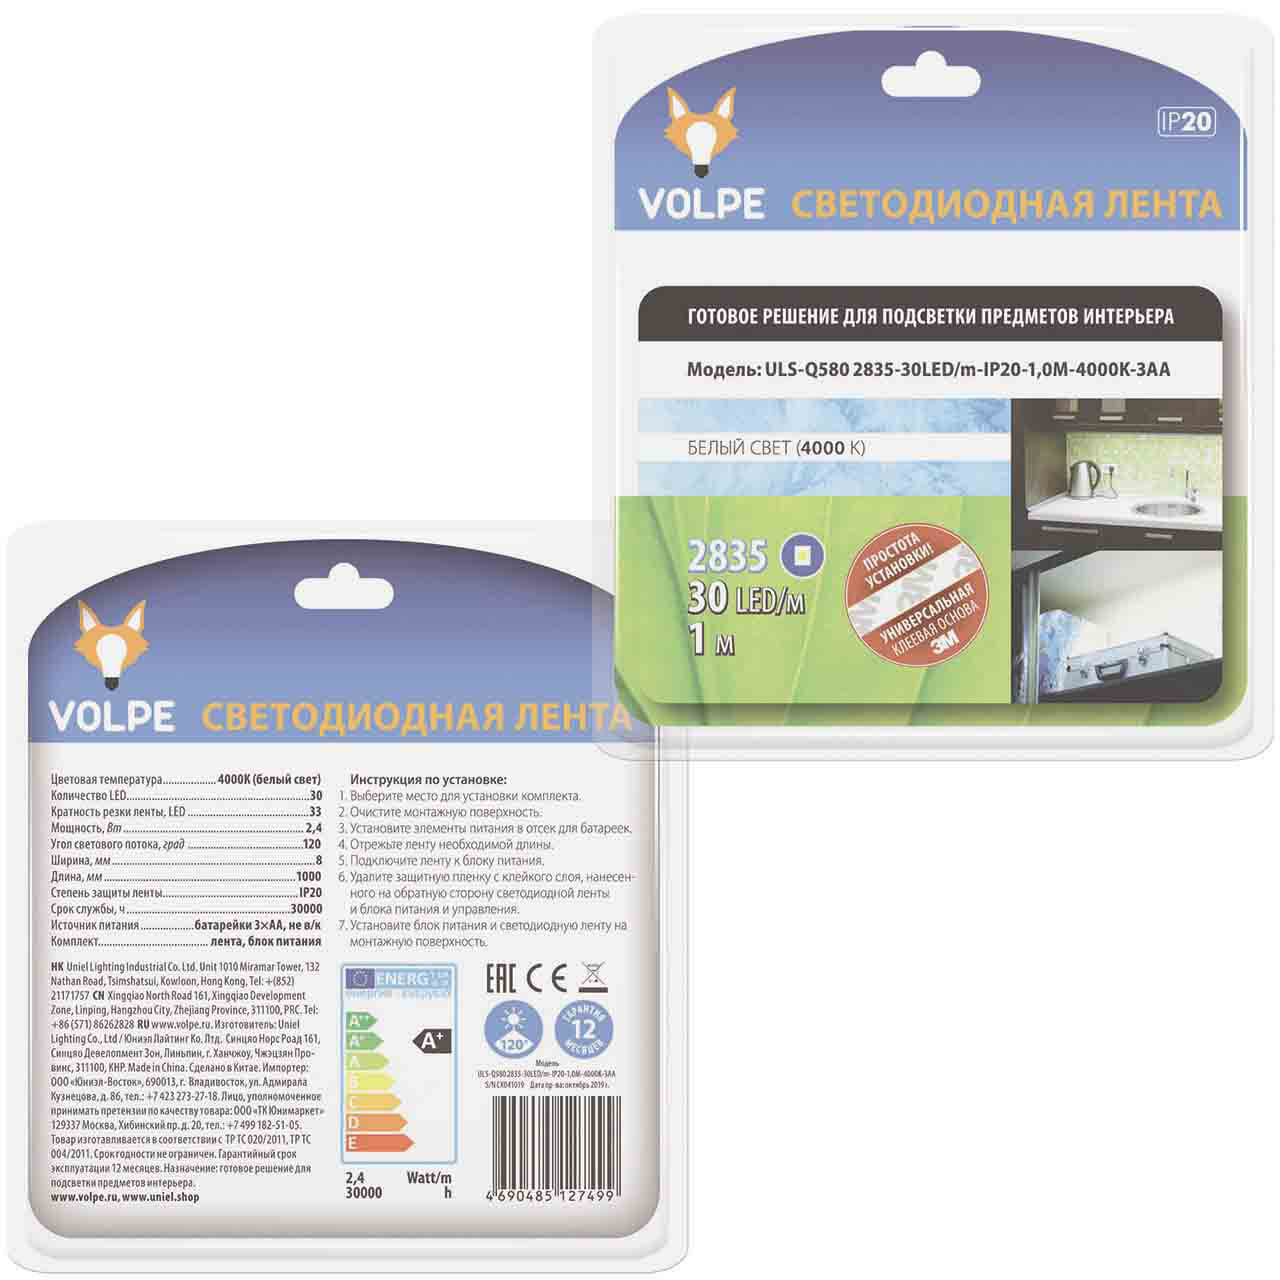 Светодиодная лента Volpe ULS-Q580 2835-30LED/m-IP20-1,0M-4000K-3AA ULS-Q320